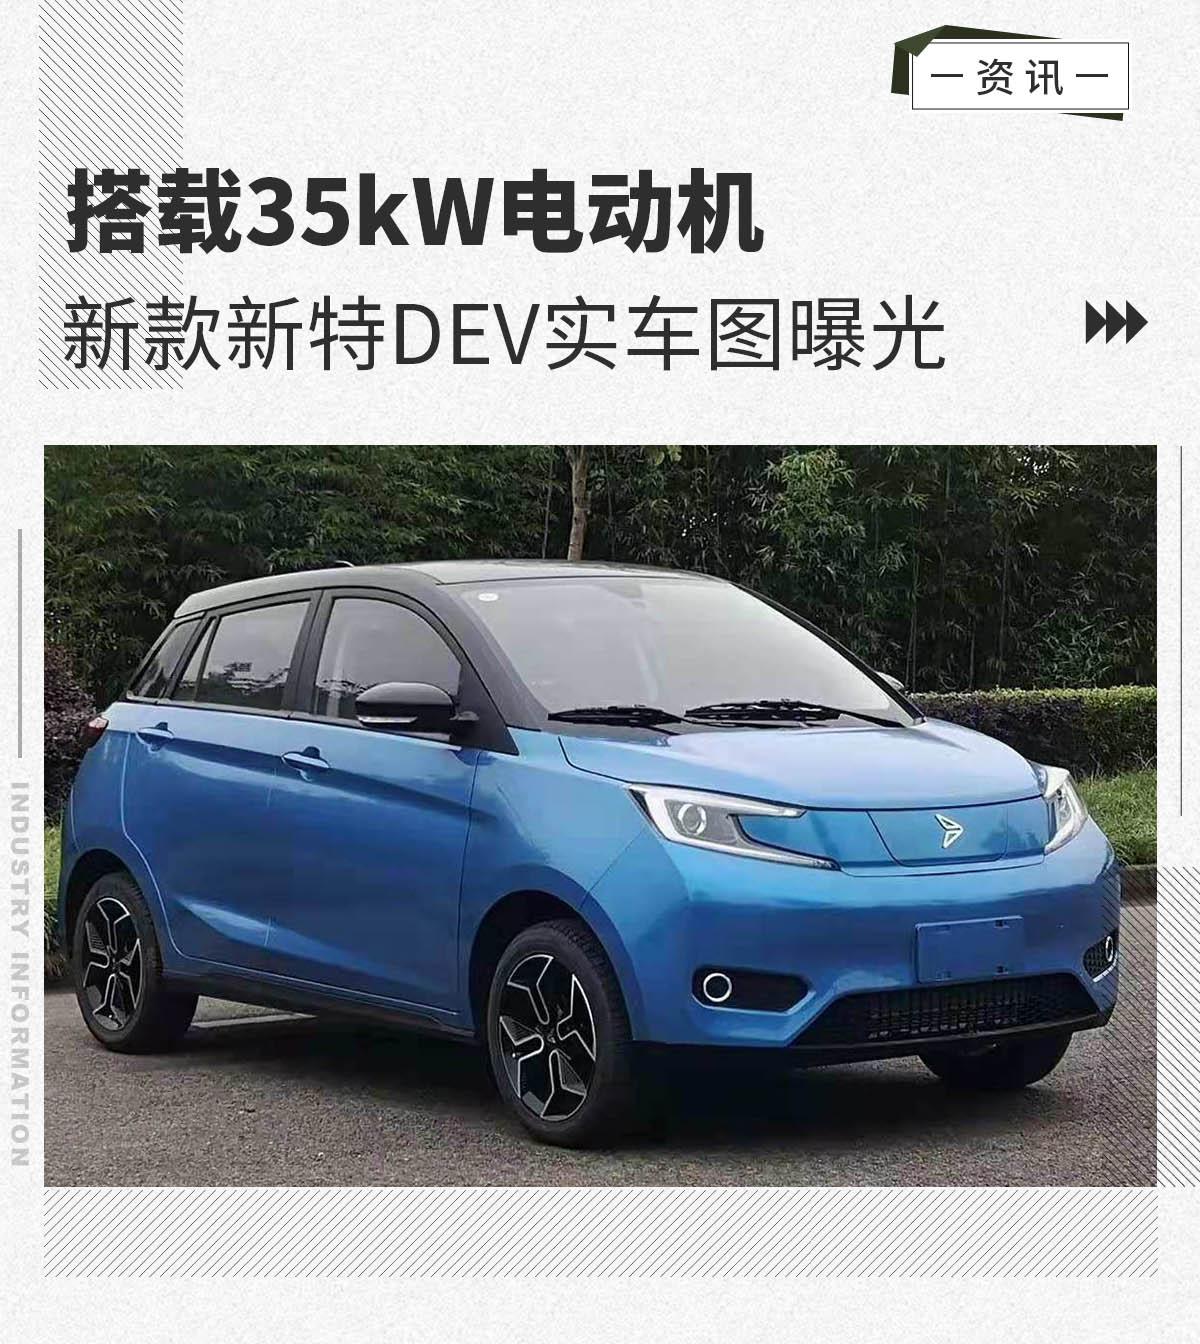 新款新特DEV实车图曝光 搭载35kW电动机